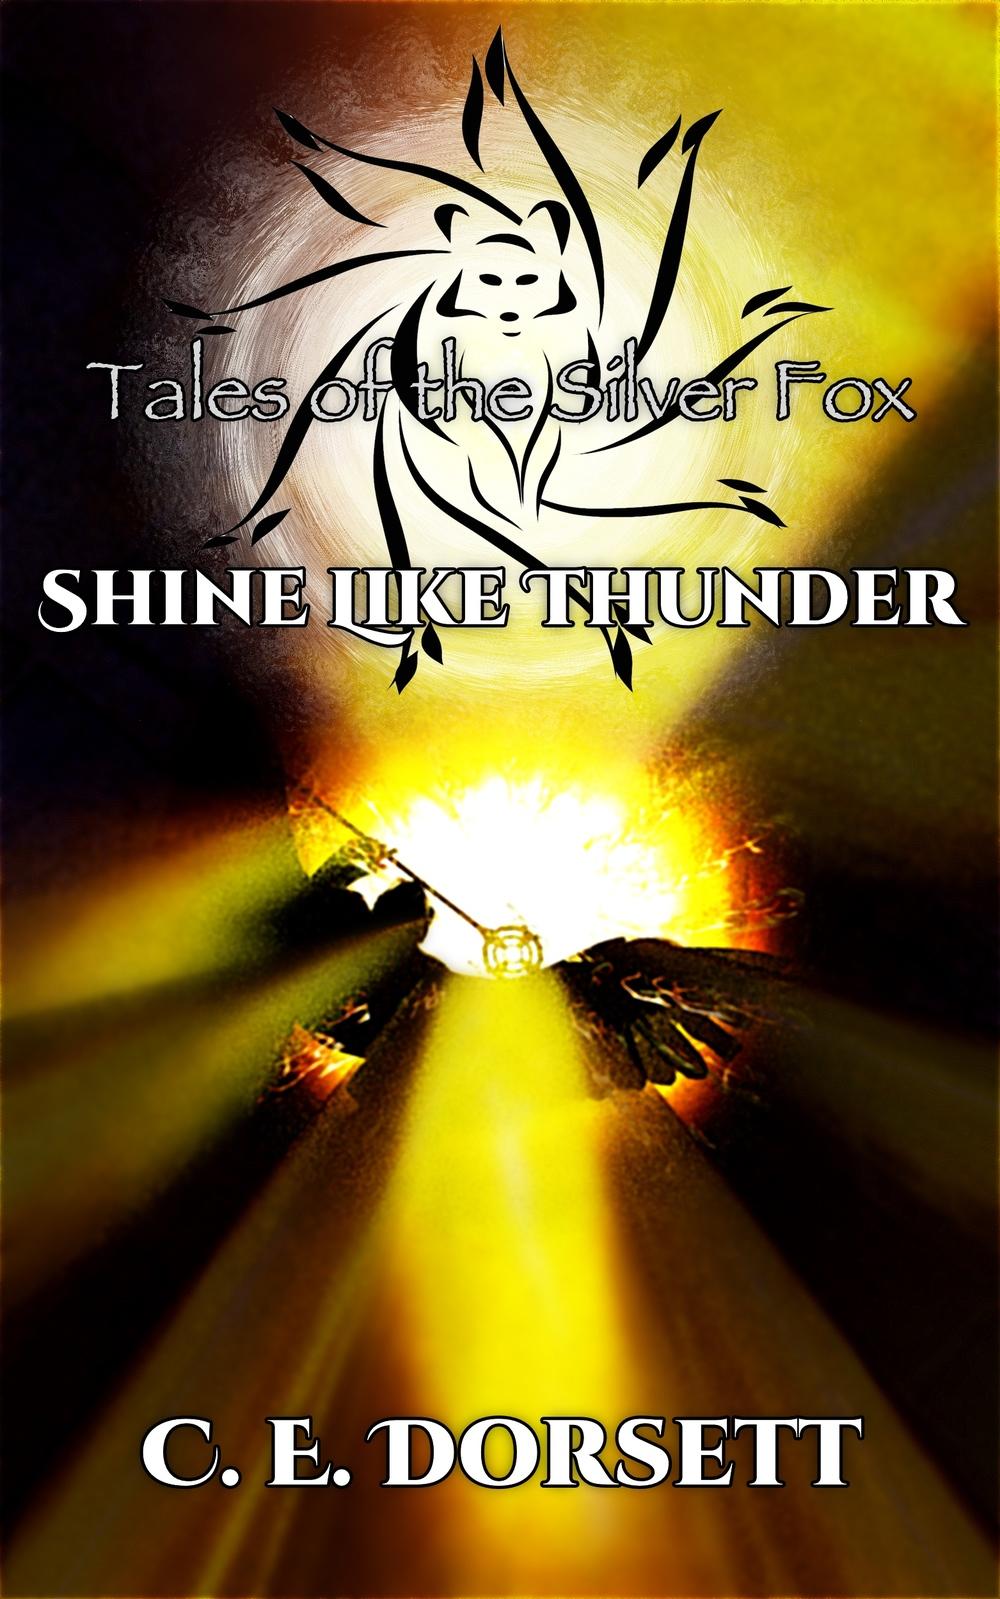 shinelikethunder-cover-new.jpg